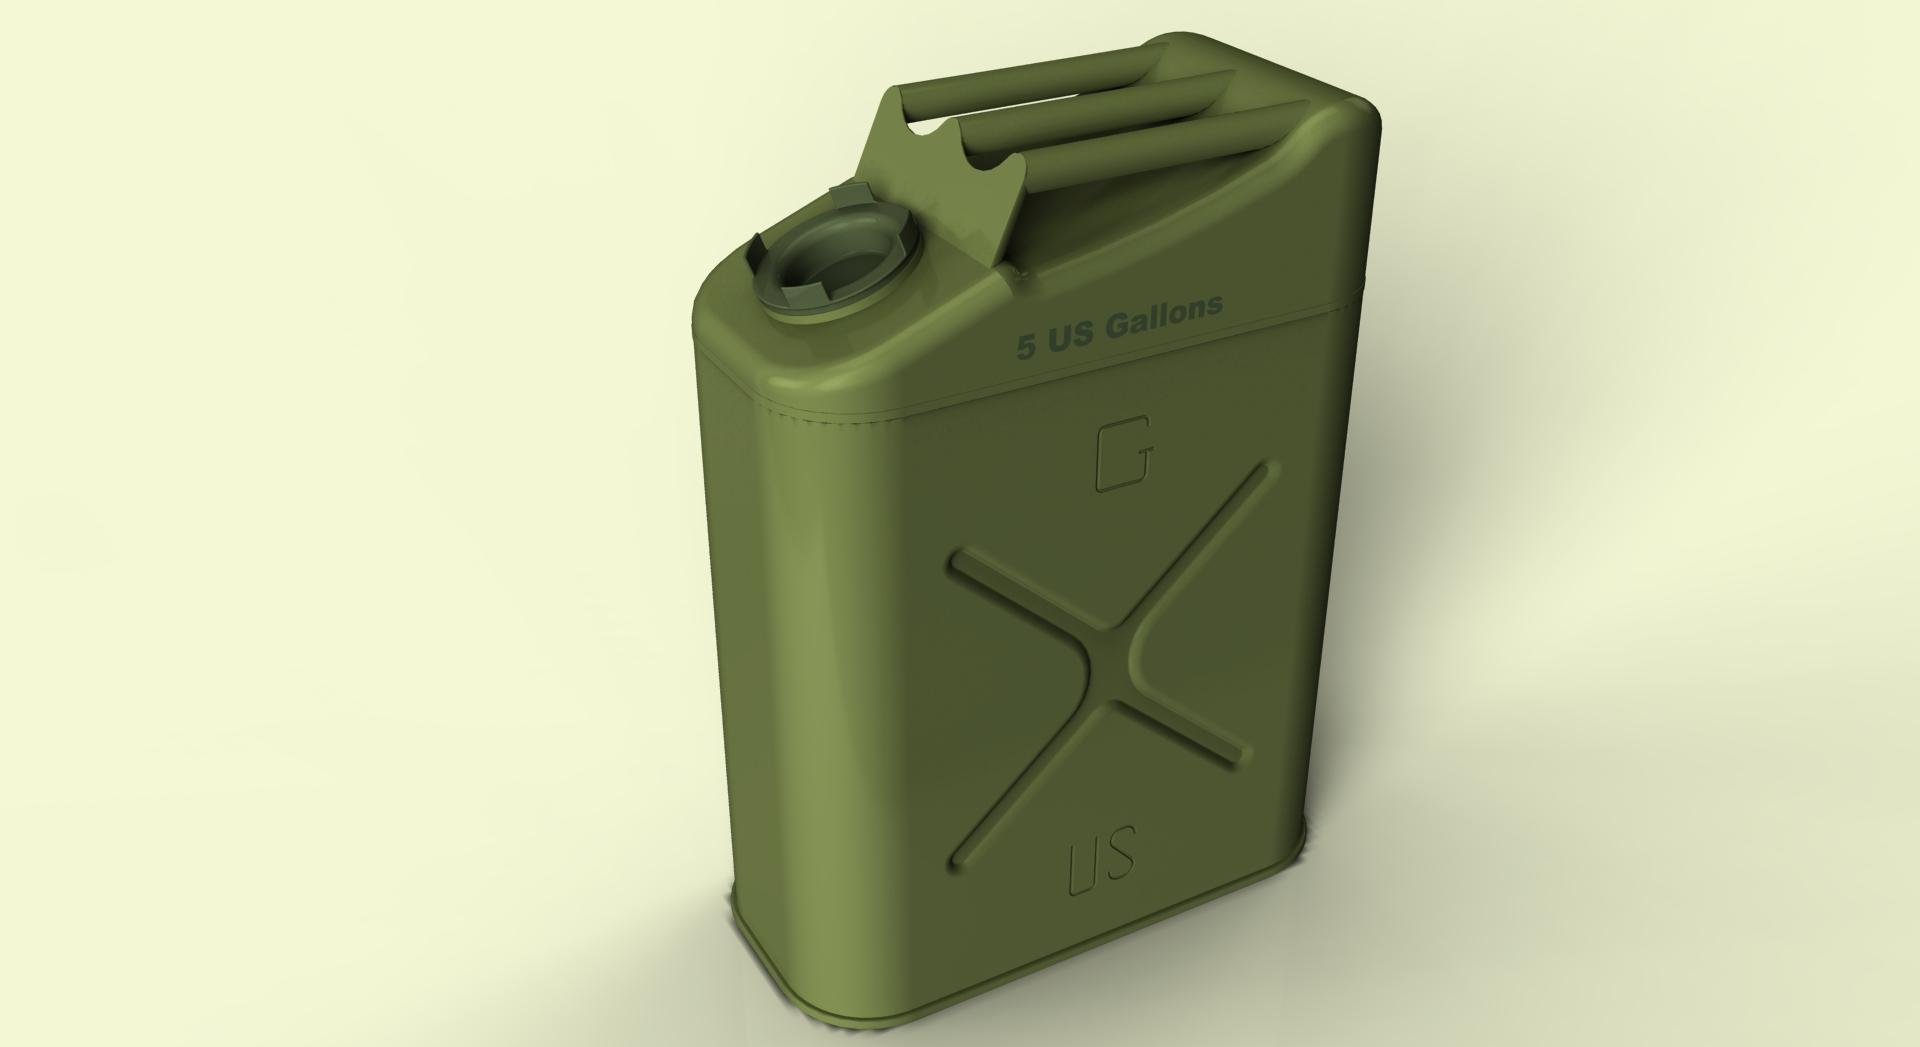 绿色汽油箱矢量图